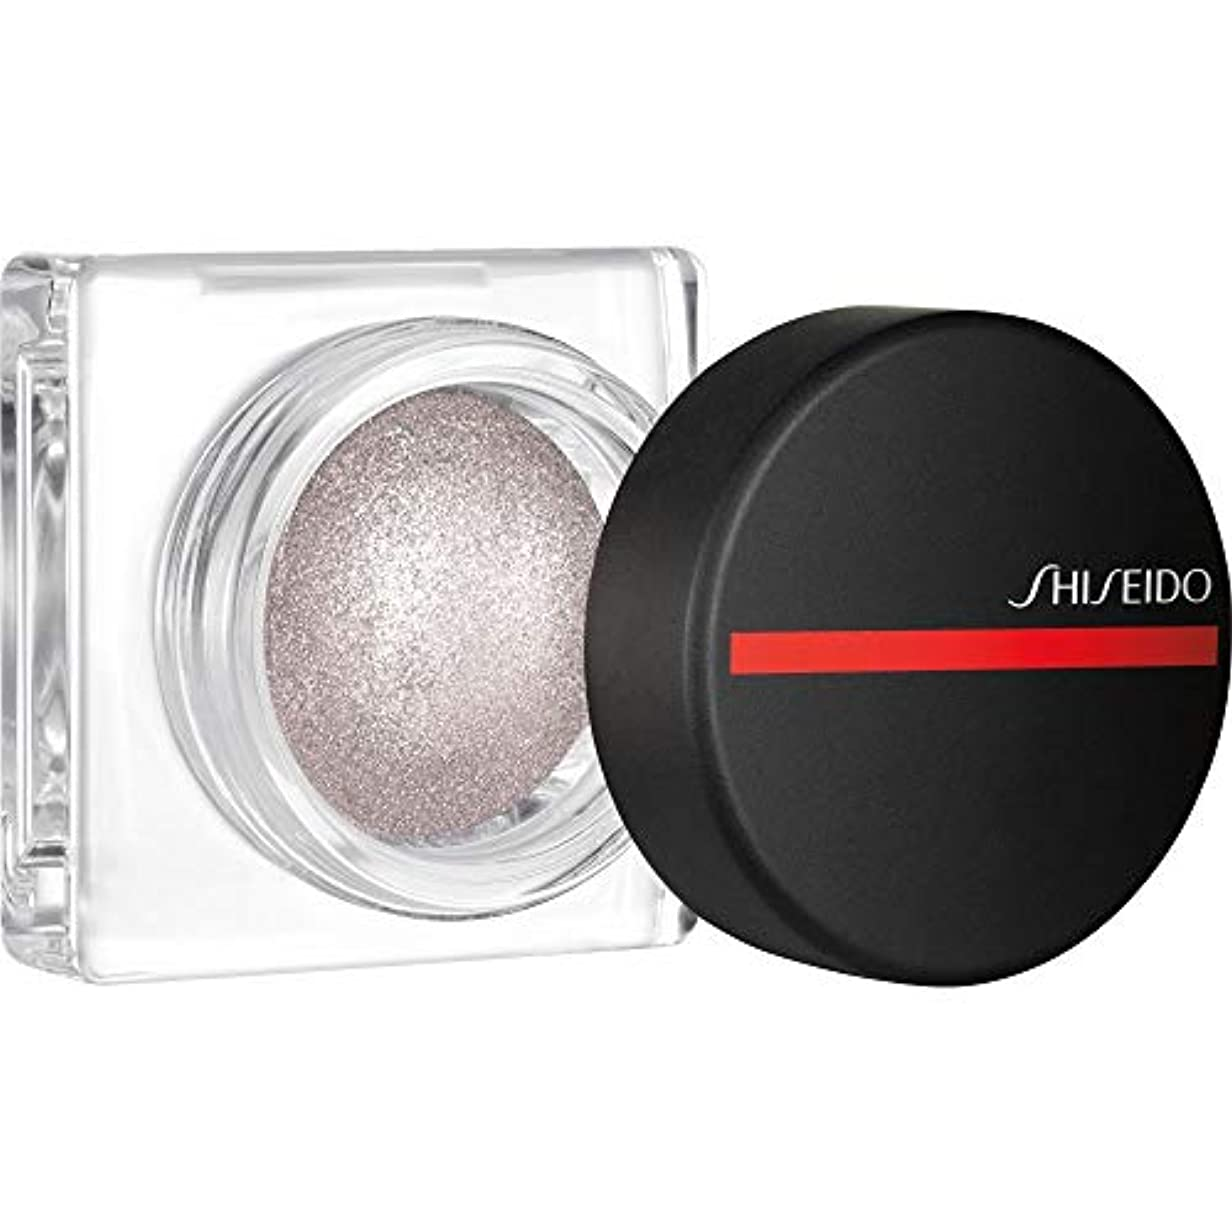 ライナースケルトン強制[Shiseido] 資生堂のオーラ露の4.8グラム01 - 月面 - Shiseido Aura Dew 4.8g 01 - Lunar [並行輸入品]